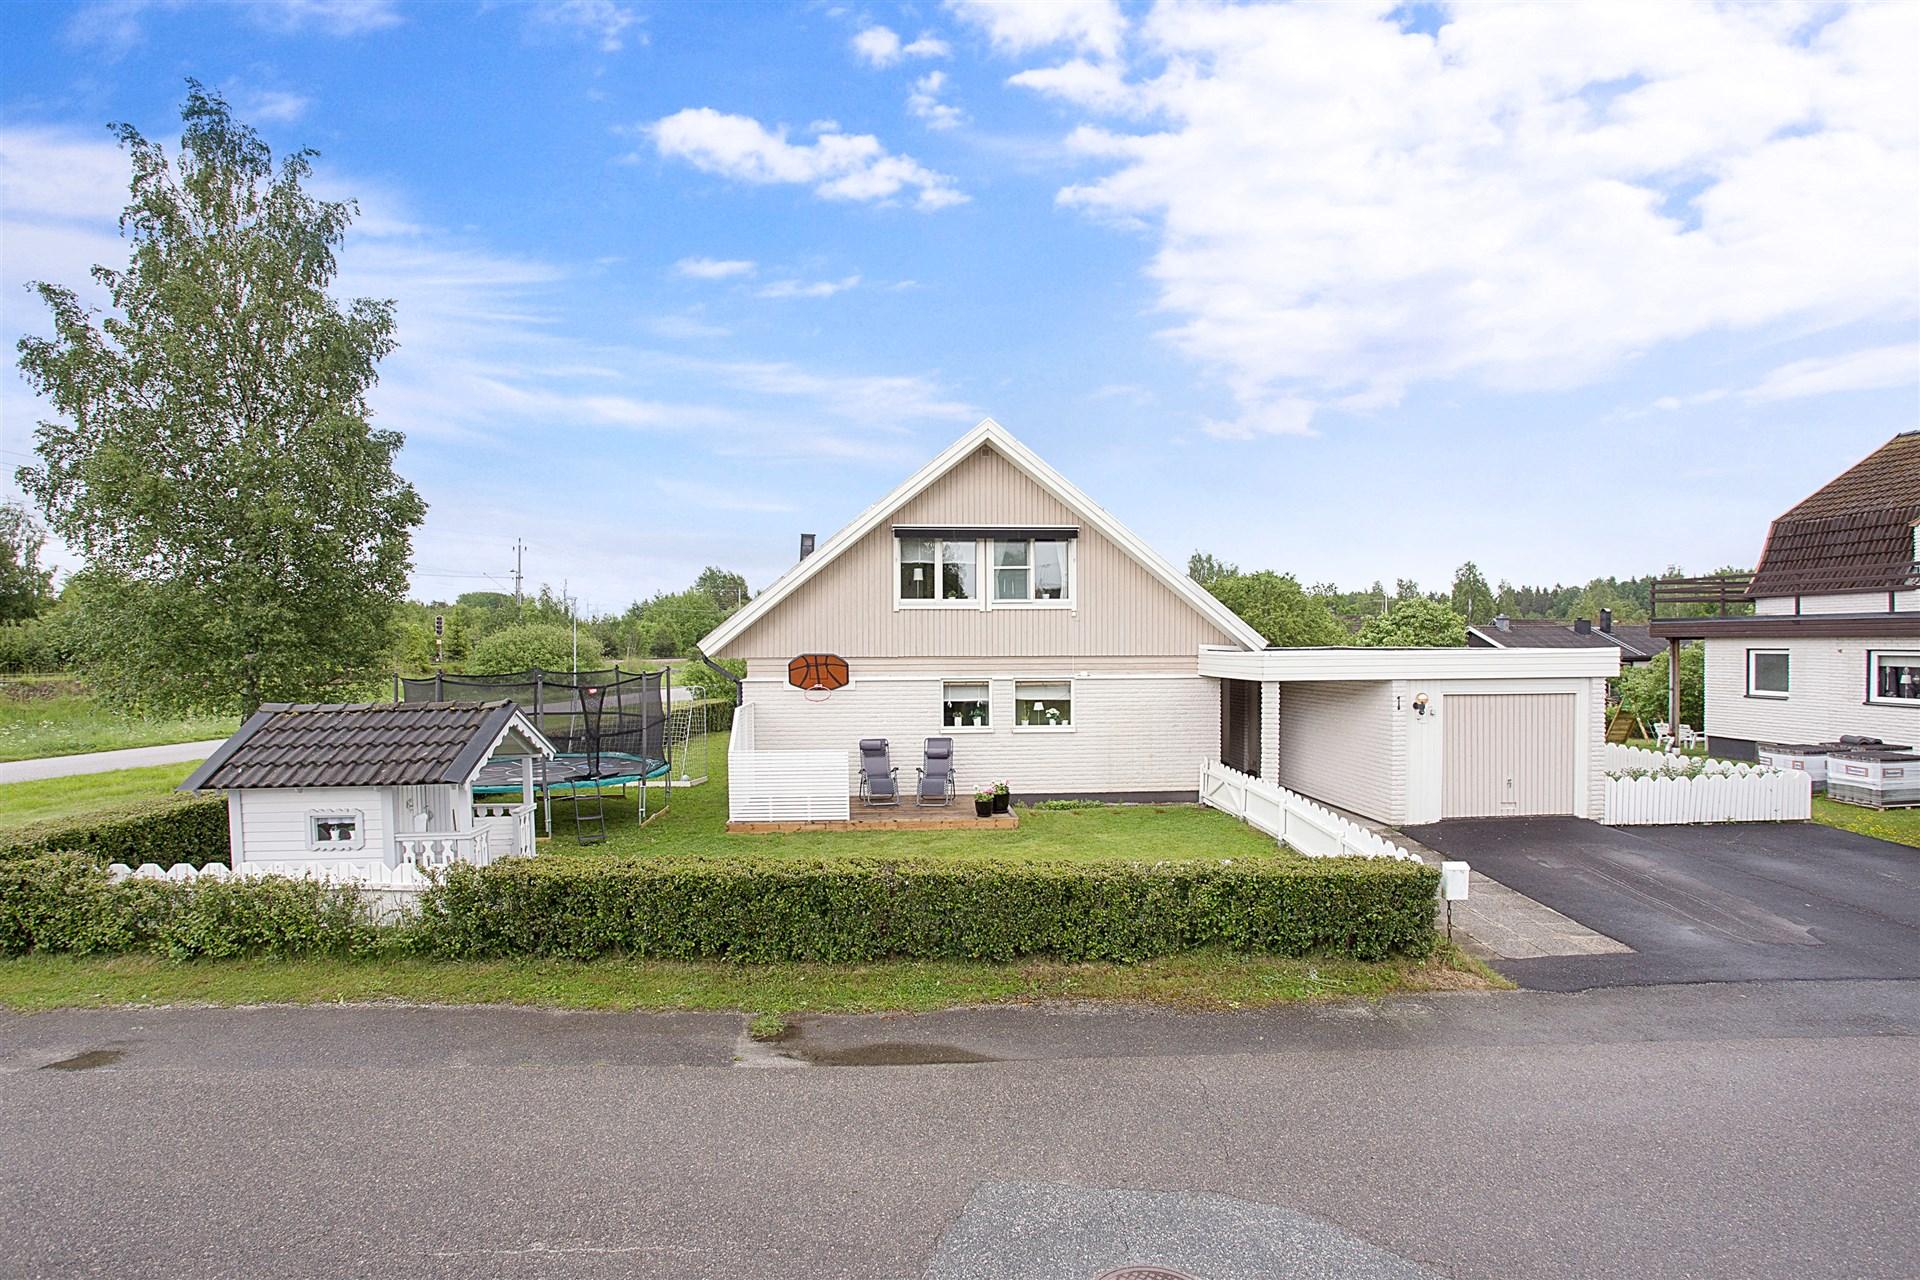 Fräsch villa med fint hörnläge och gångavstånd till förskola och skola åk 1-9.